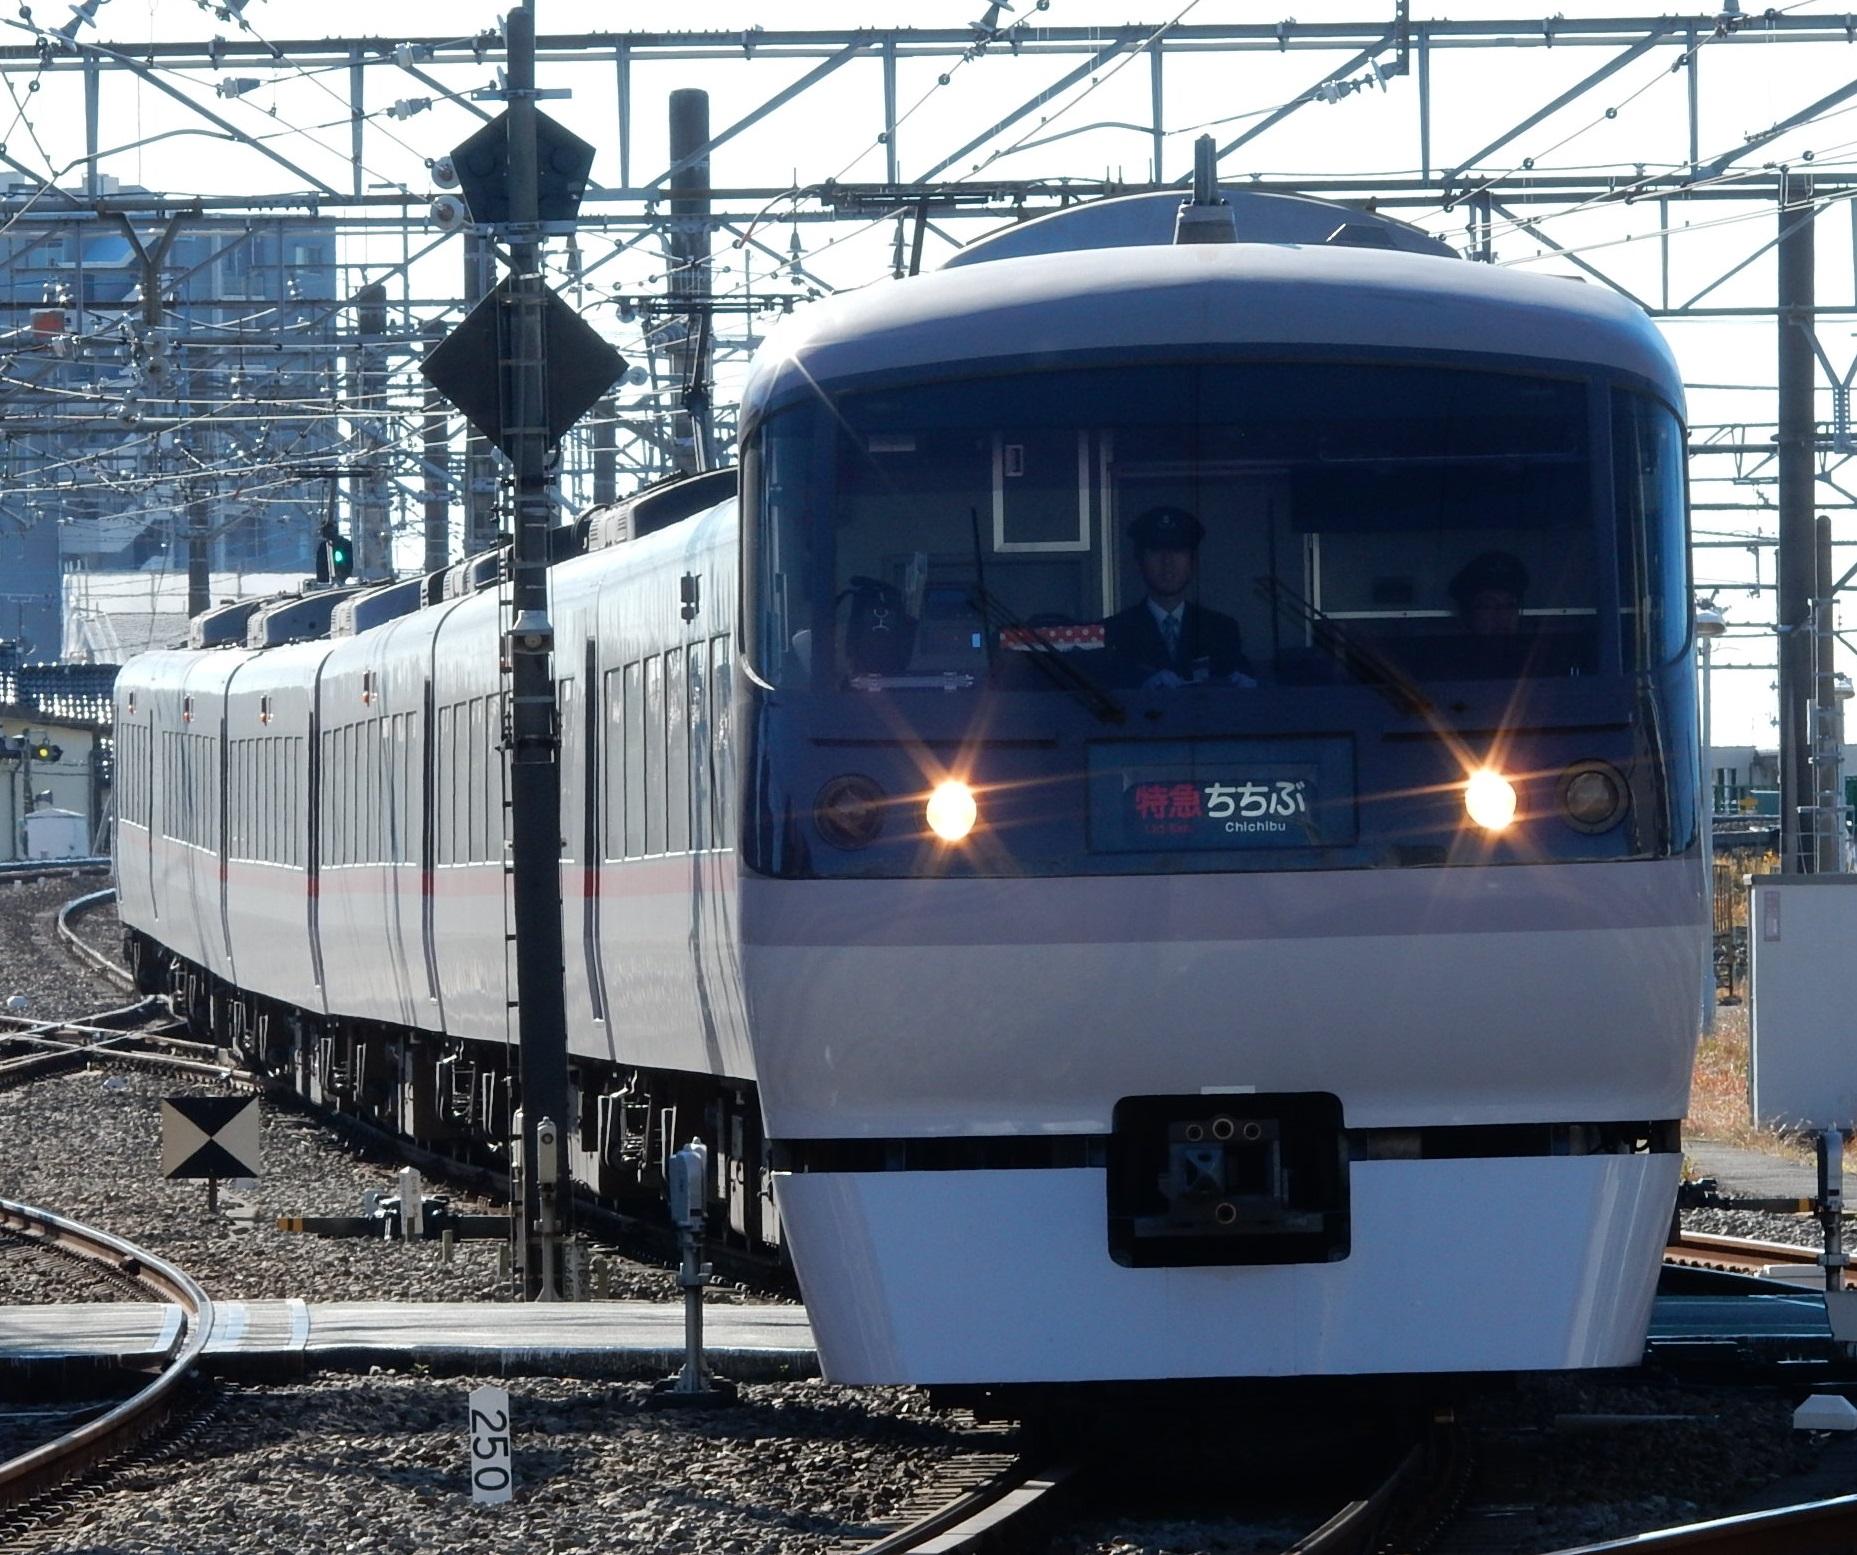 DSCN9869.jpg